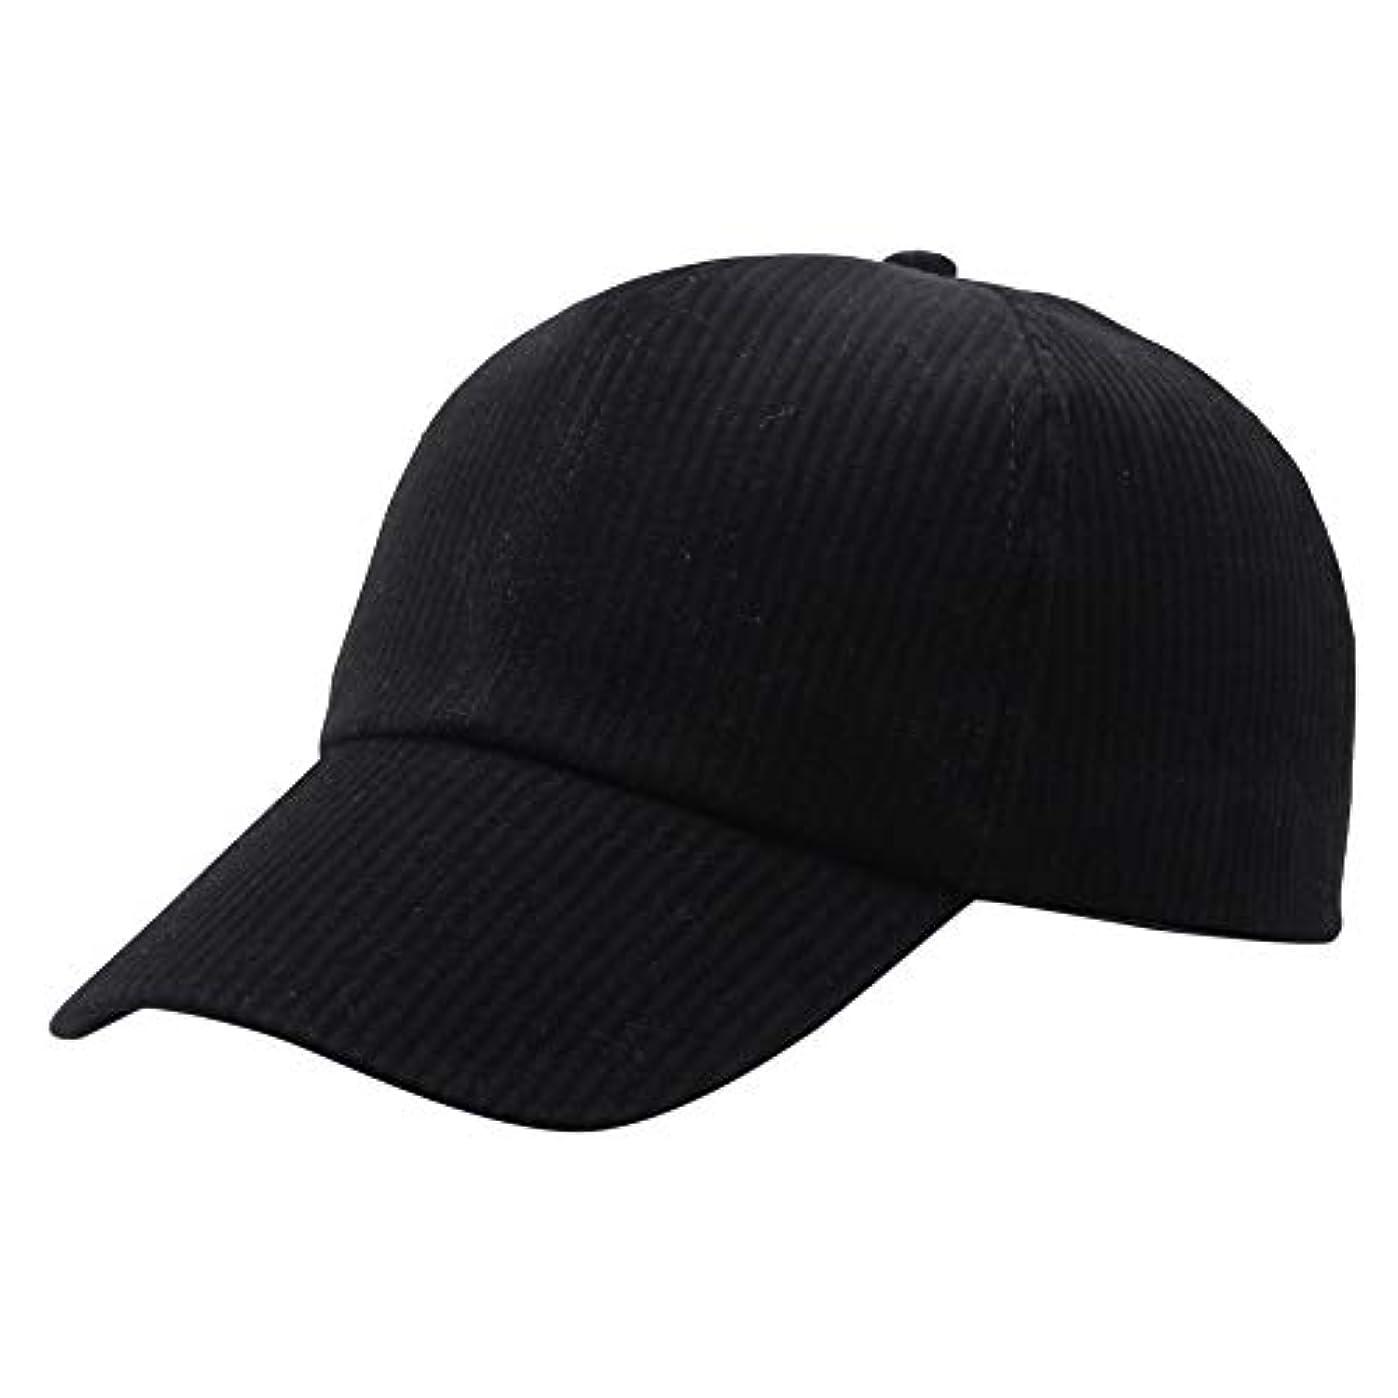 リズミカルなパンサーグレートオークRacazing Cap コーデュロイ 野球帽 迷彩 夏 登山 通気性のある メッシュ 帽子 ベルクロ 可調整可能 ストライプ 刺繍 棒球帽 UV 帽子 軽量 屋外 Unisex Hat (B)